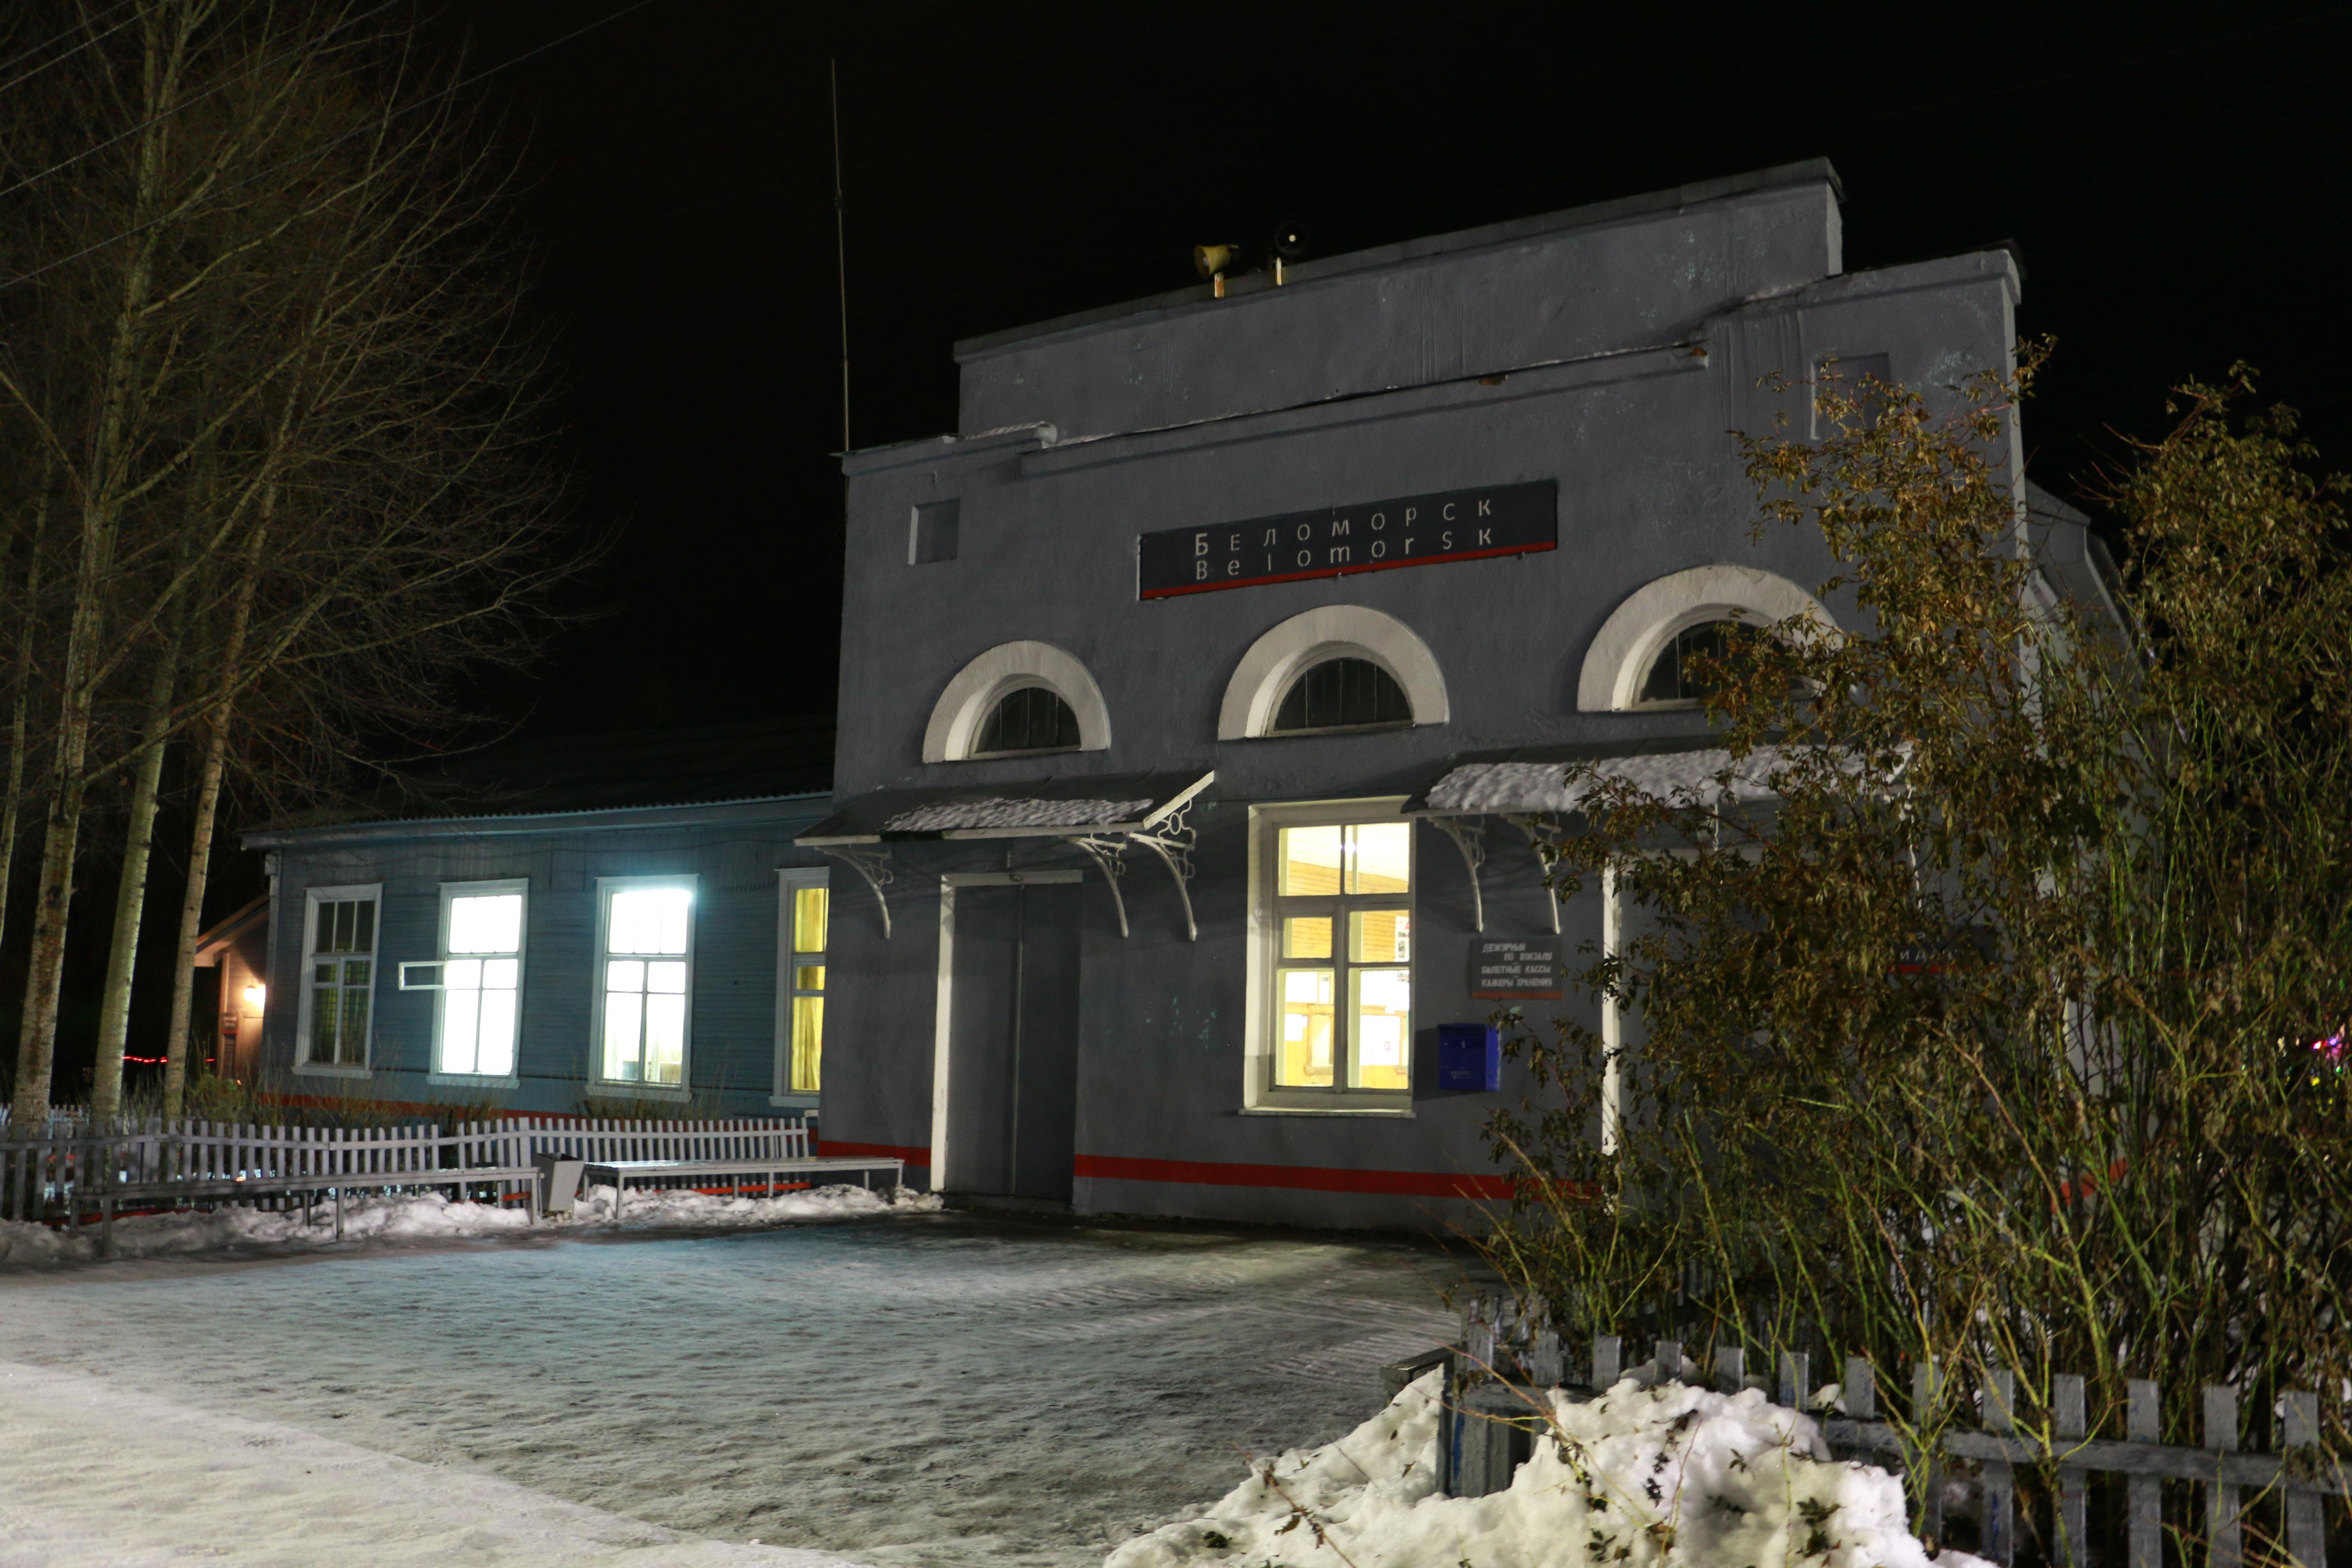 Вокзал г. Беломорска. 9 декабря 2014 г. Фото В. Дрягуева